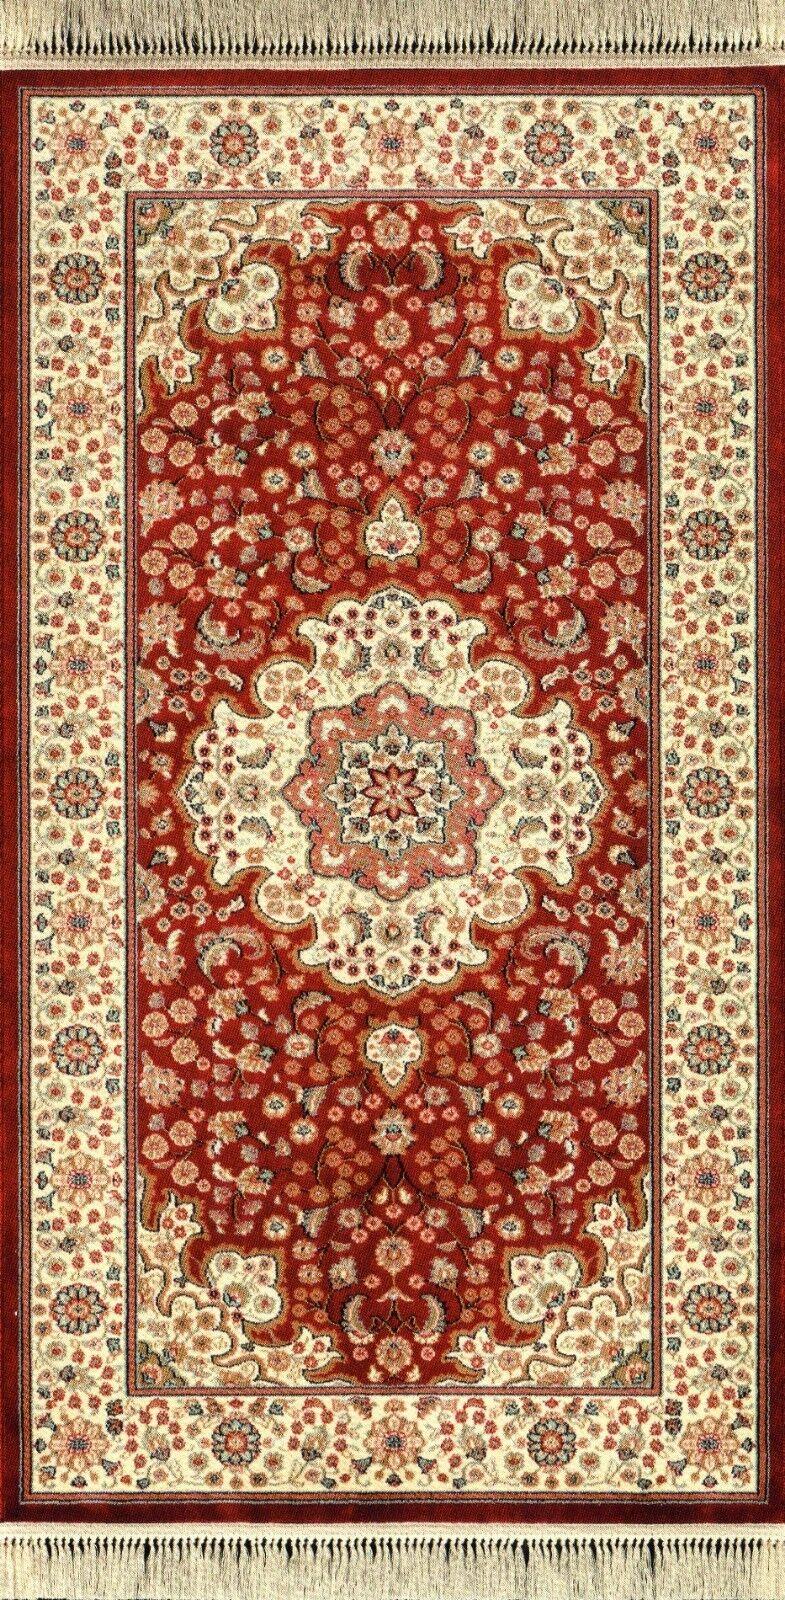 Tappeto classico rettangolare salone cm 100 x cm 140 Opera disegno 585 Rosso